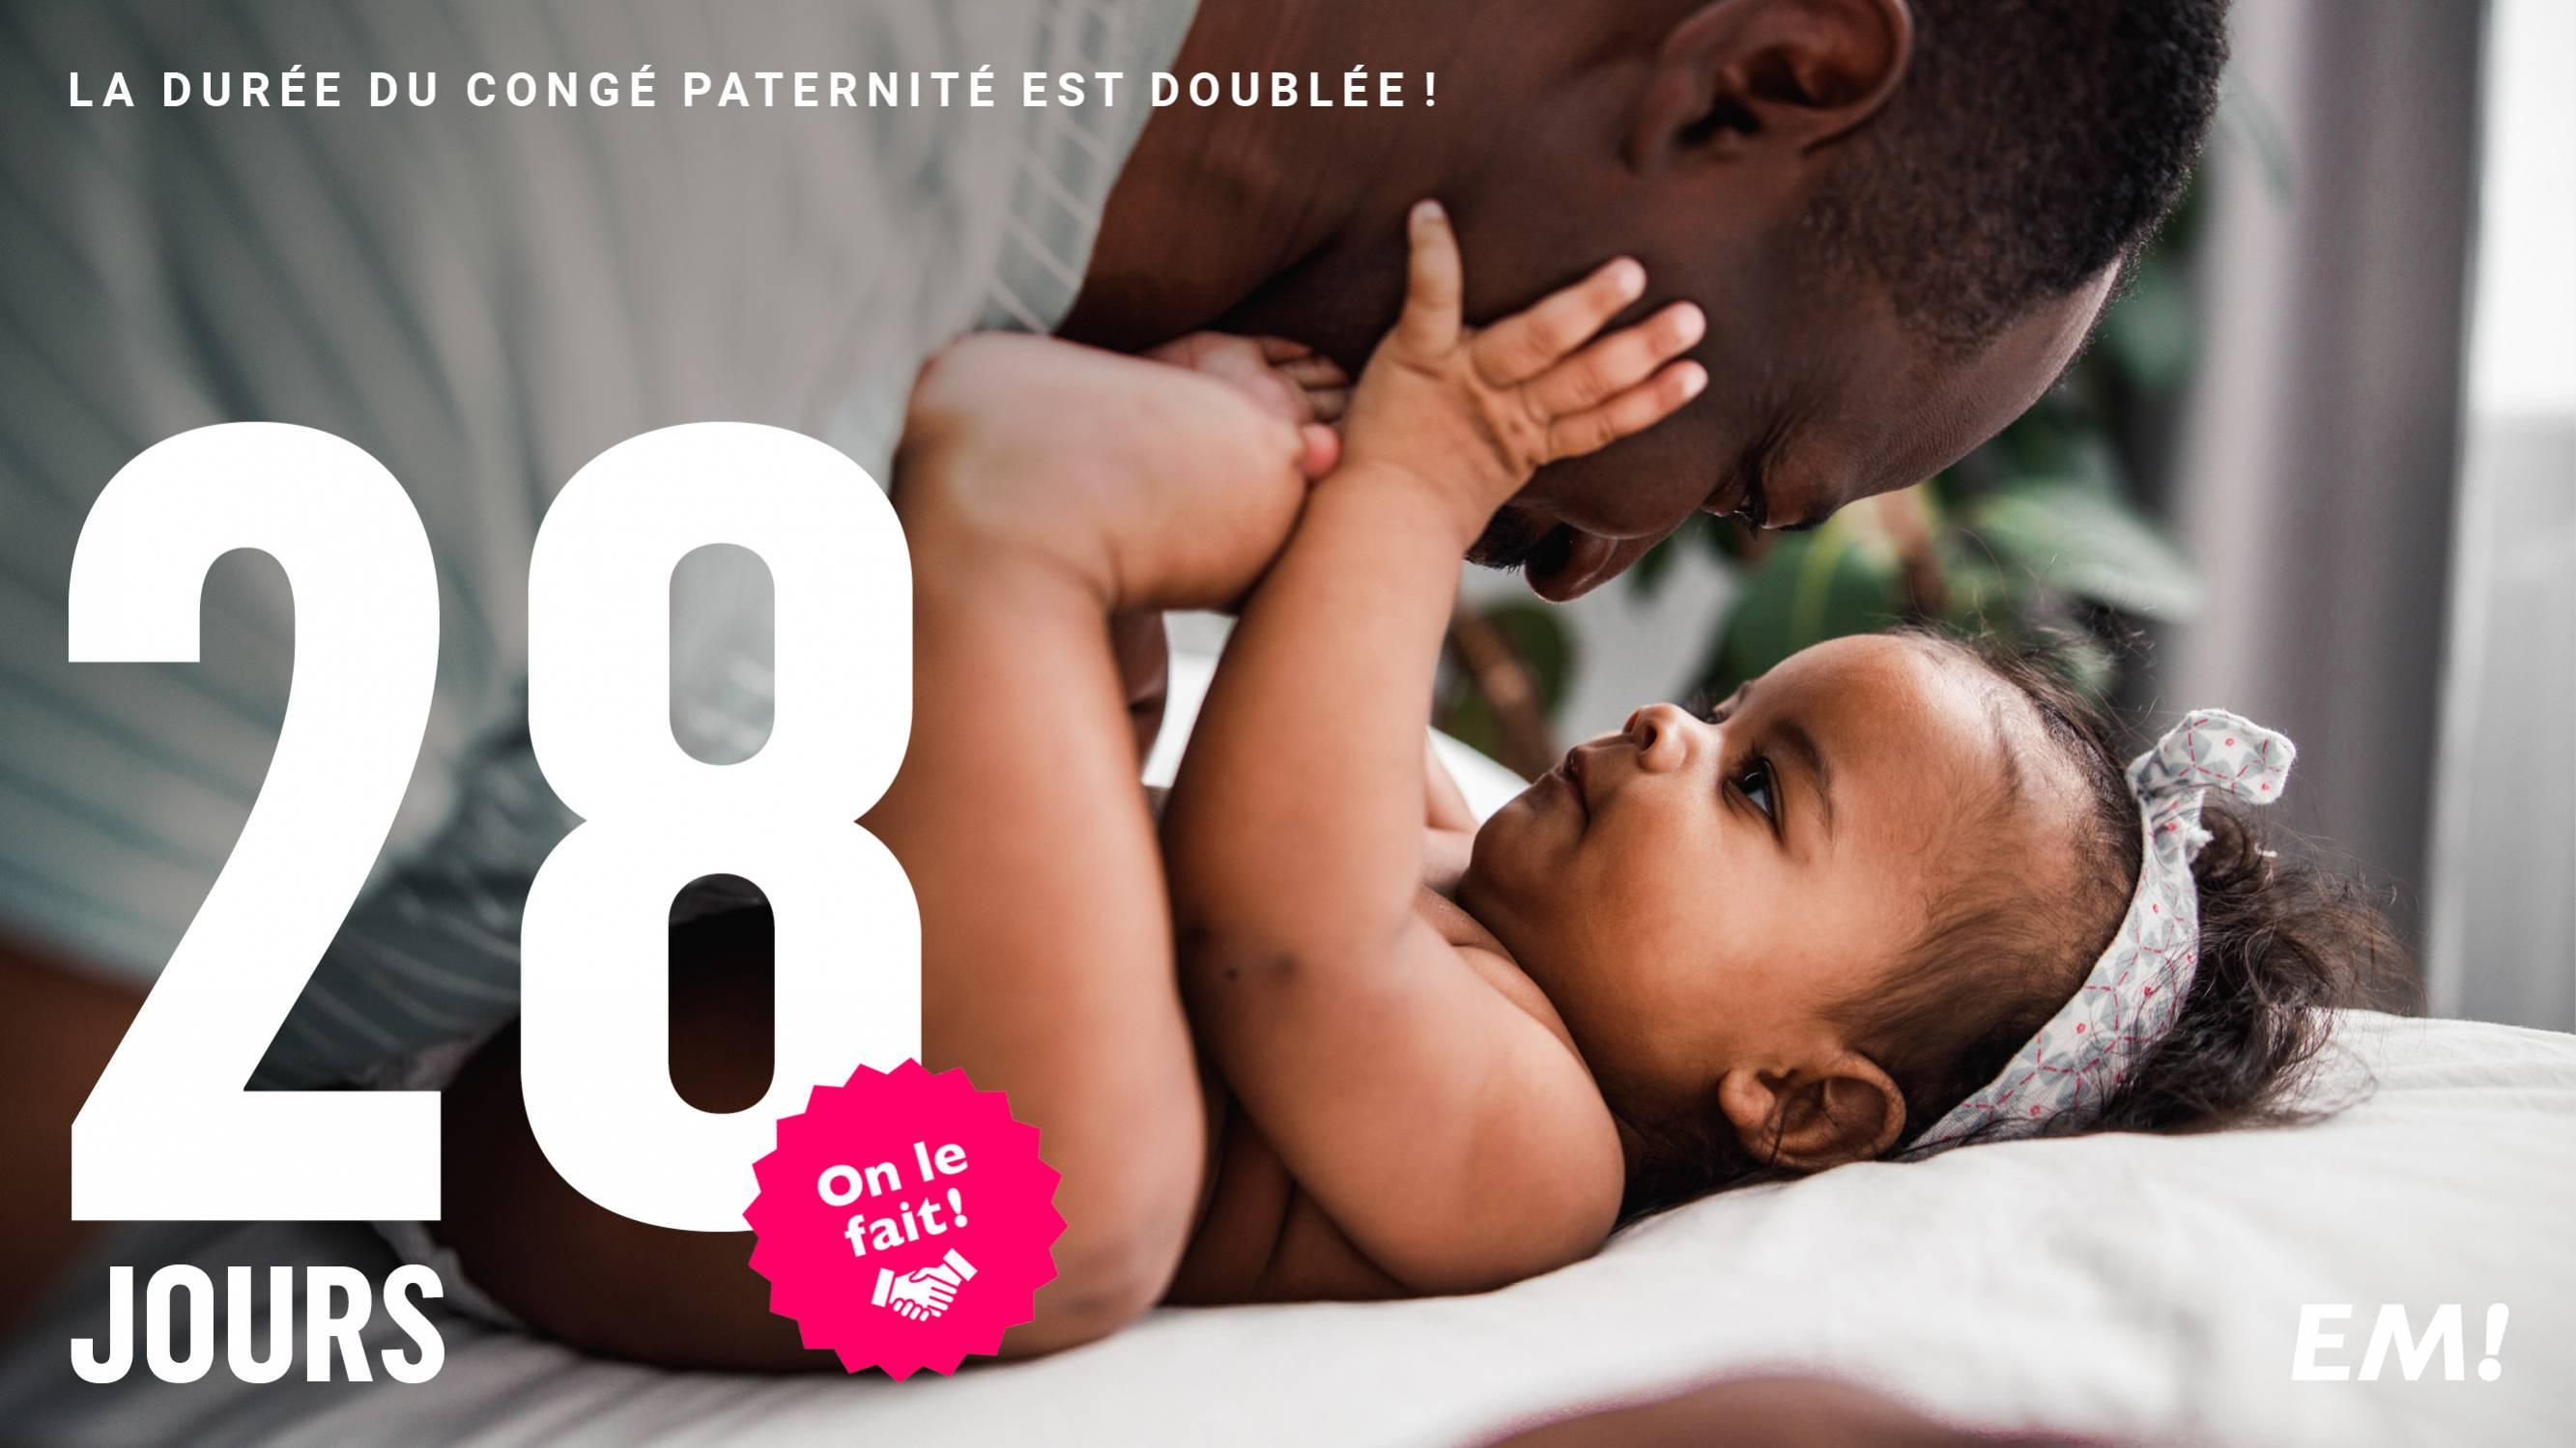 Doublement du congé paternité